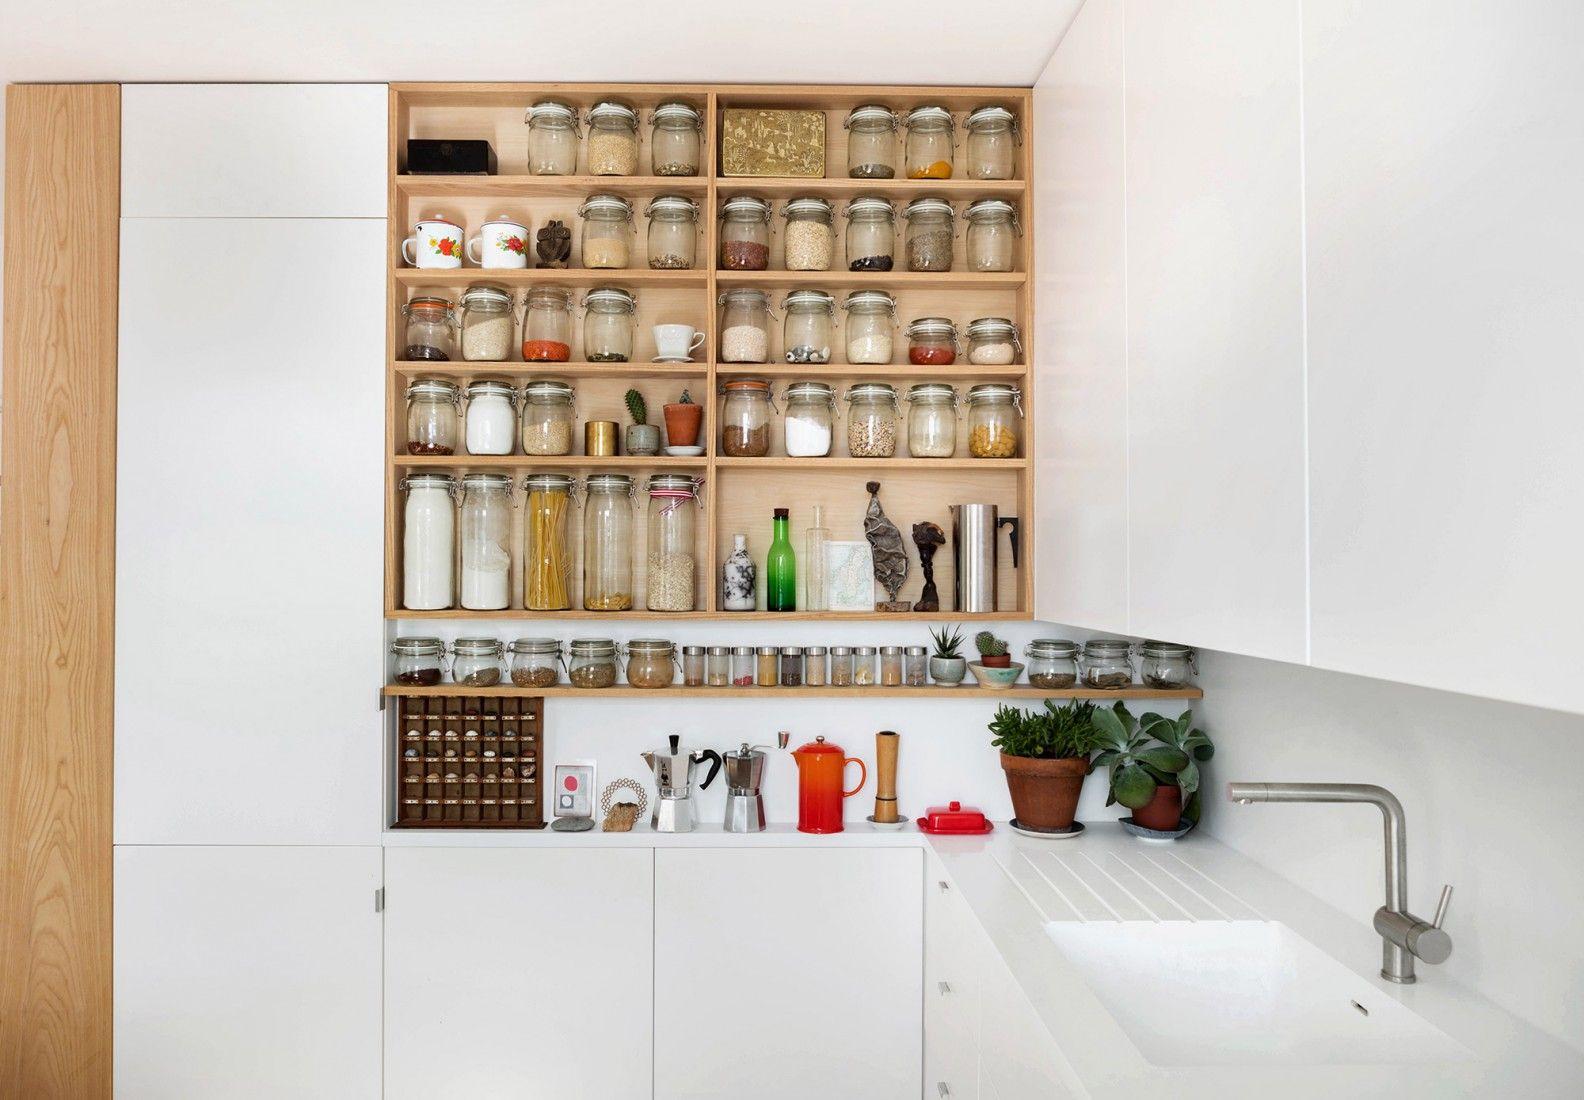 Pin by MOPU on Storage Kitchen pantry, Small kitchen